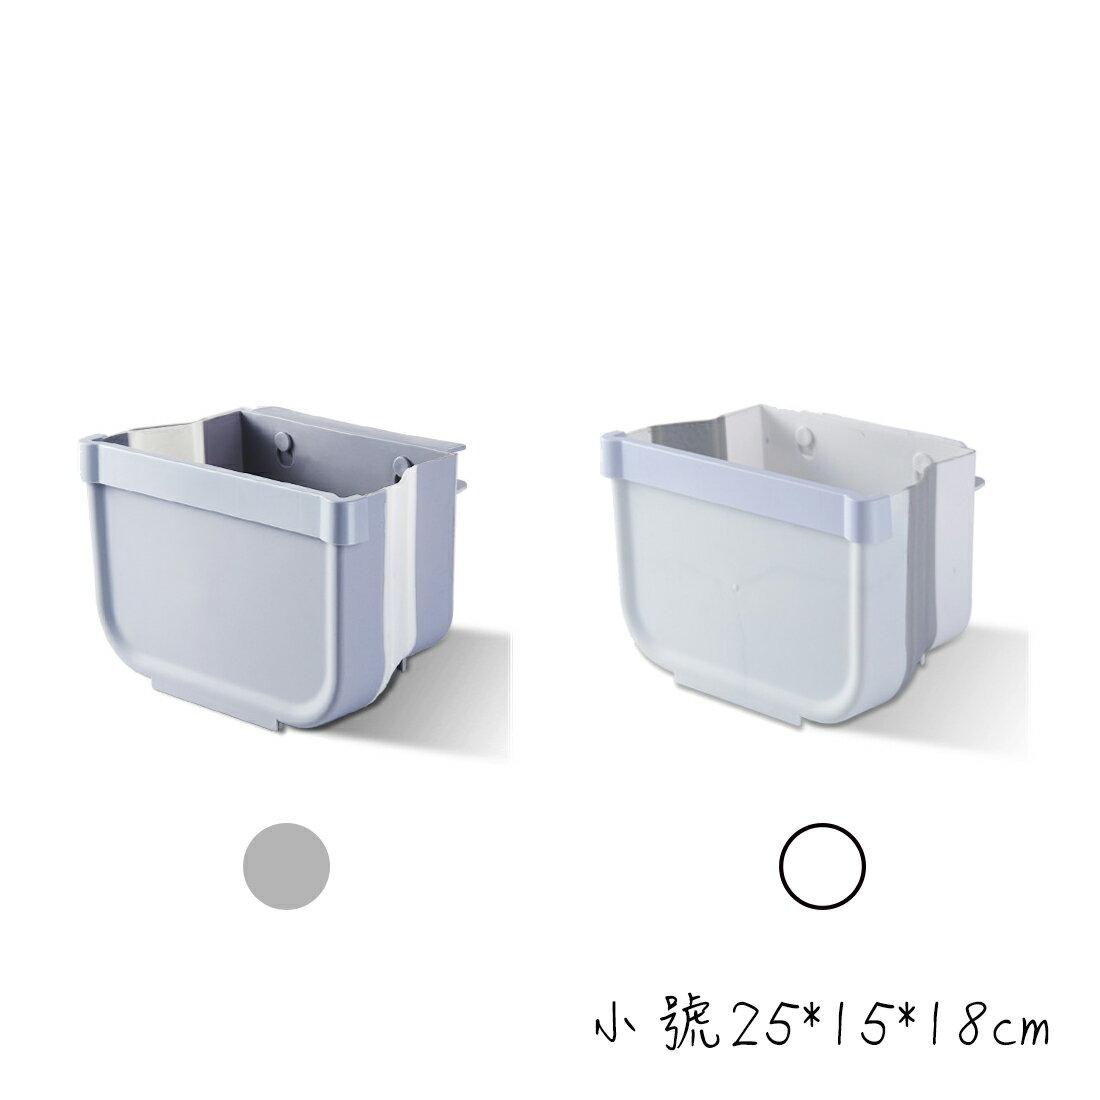 台灣現貨 摺疊掛式垃圾桶 廚房垃圾桶 車用垃圾桶 置物盒 收納籃 家用掛式折疊垃圾桶 掛式垃圾桶